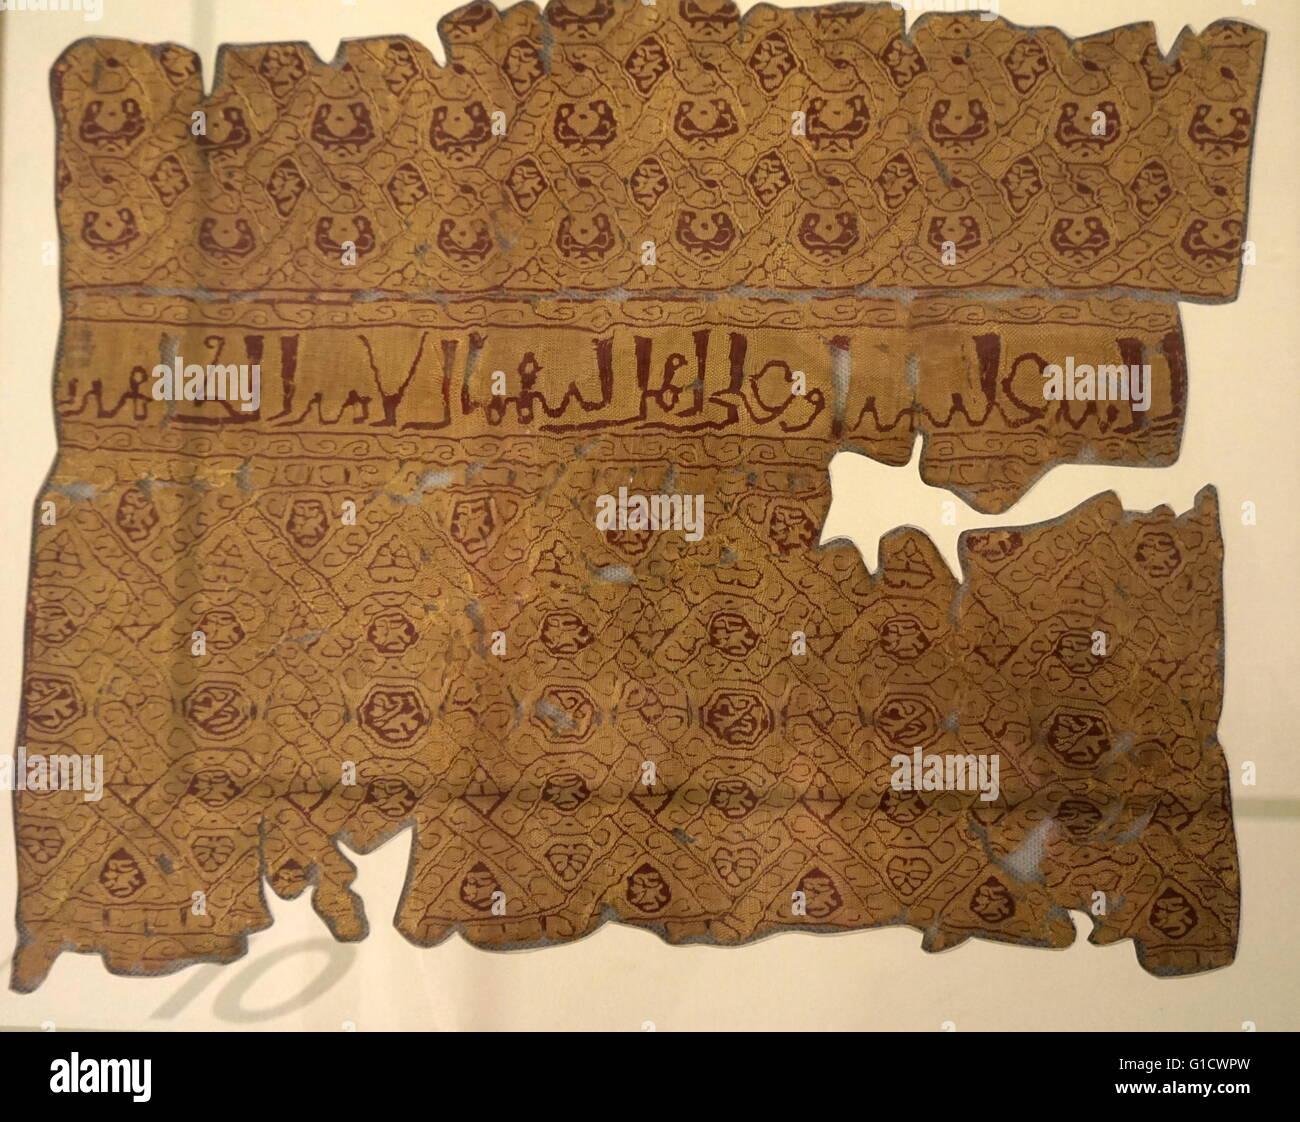 Fatimid frammenti tessili dall'Egitto. Datato al X secolo Immagini Stock